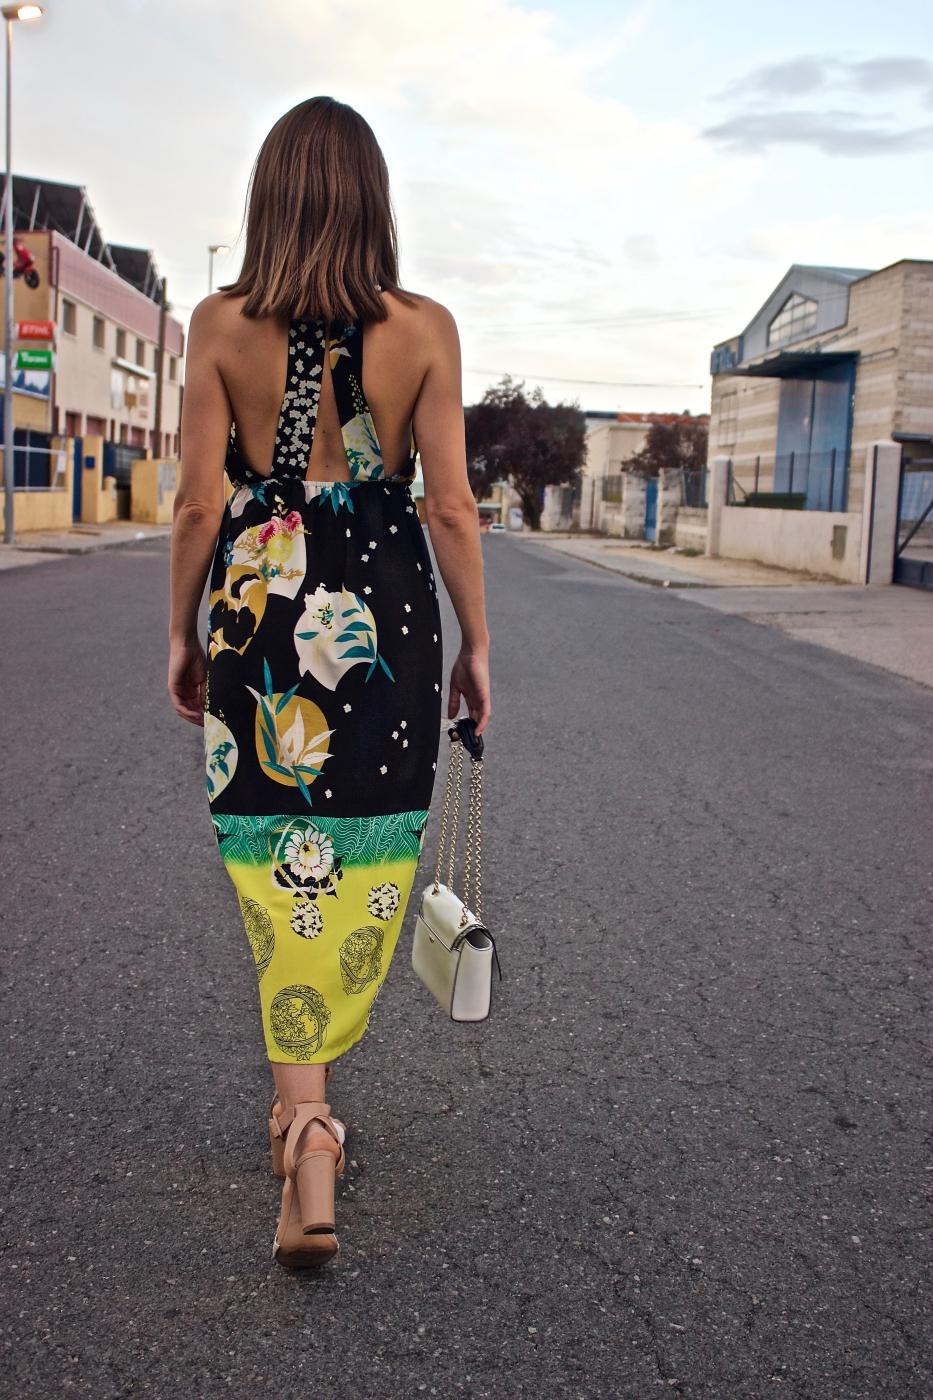 lara-vazquez-madlula-style-streetstyle-fashionblog-long-dess-summer